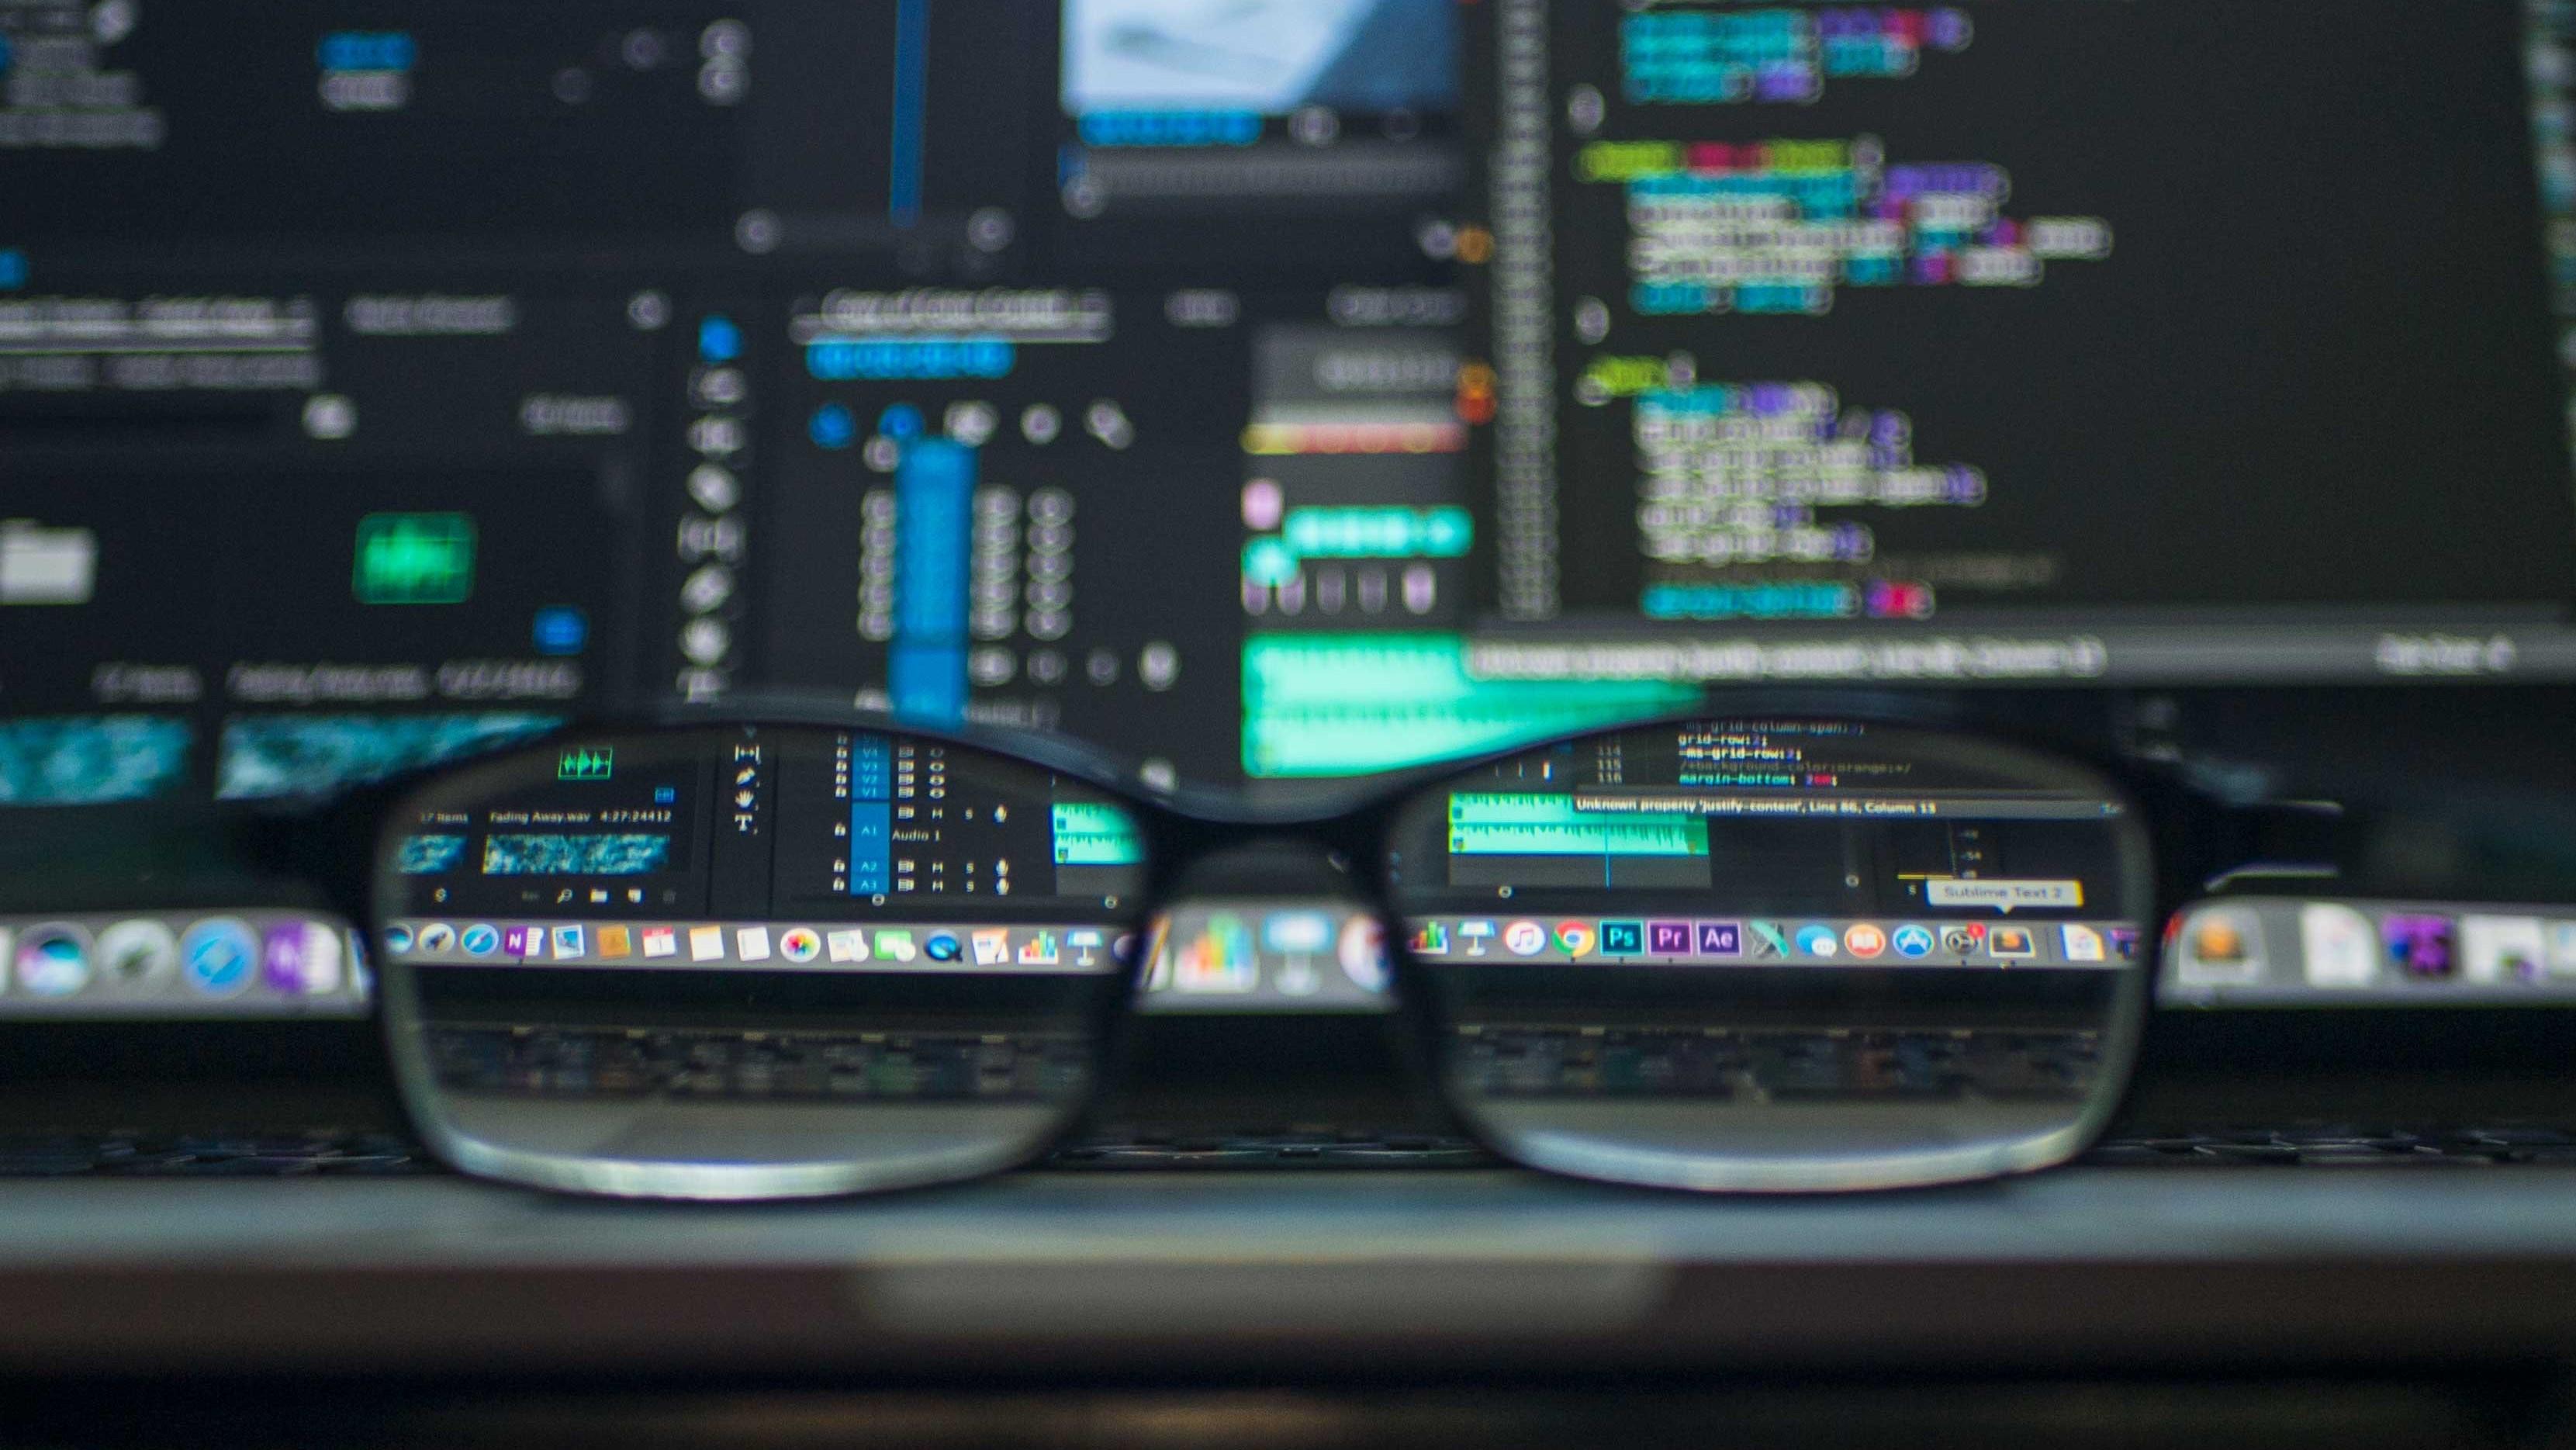 EU to fund bug bounty program for top open-source software | TechRadar